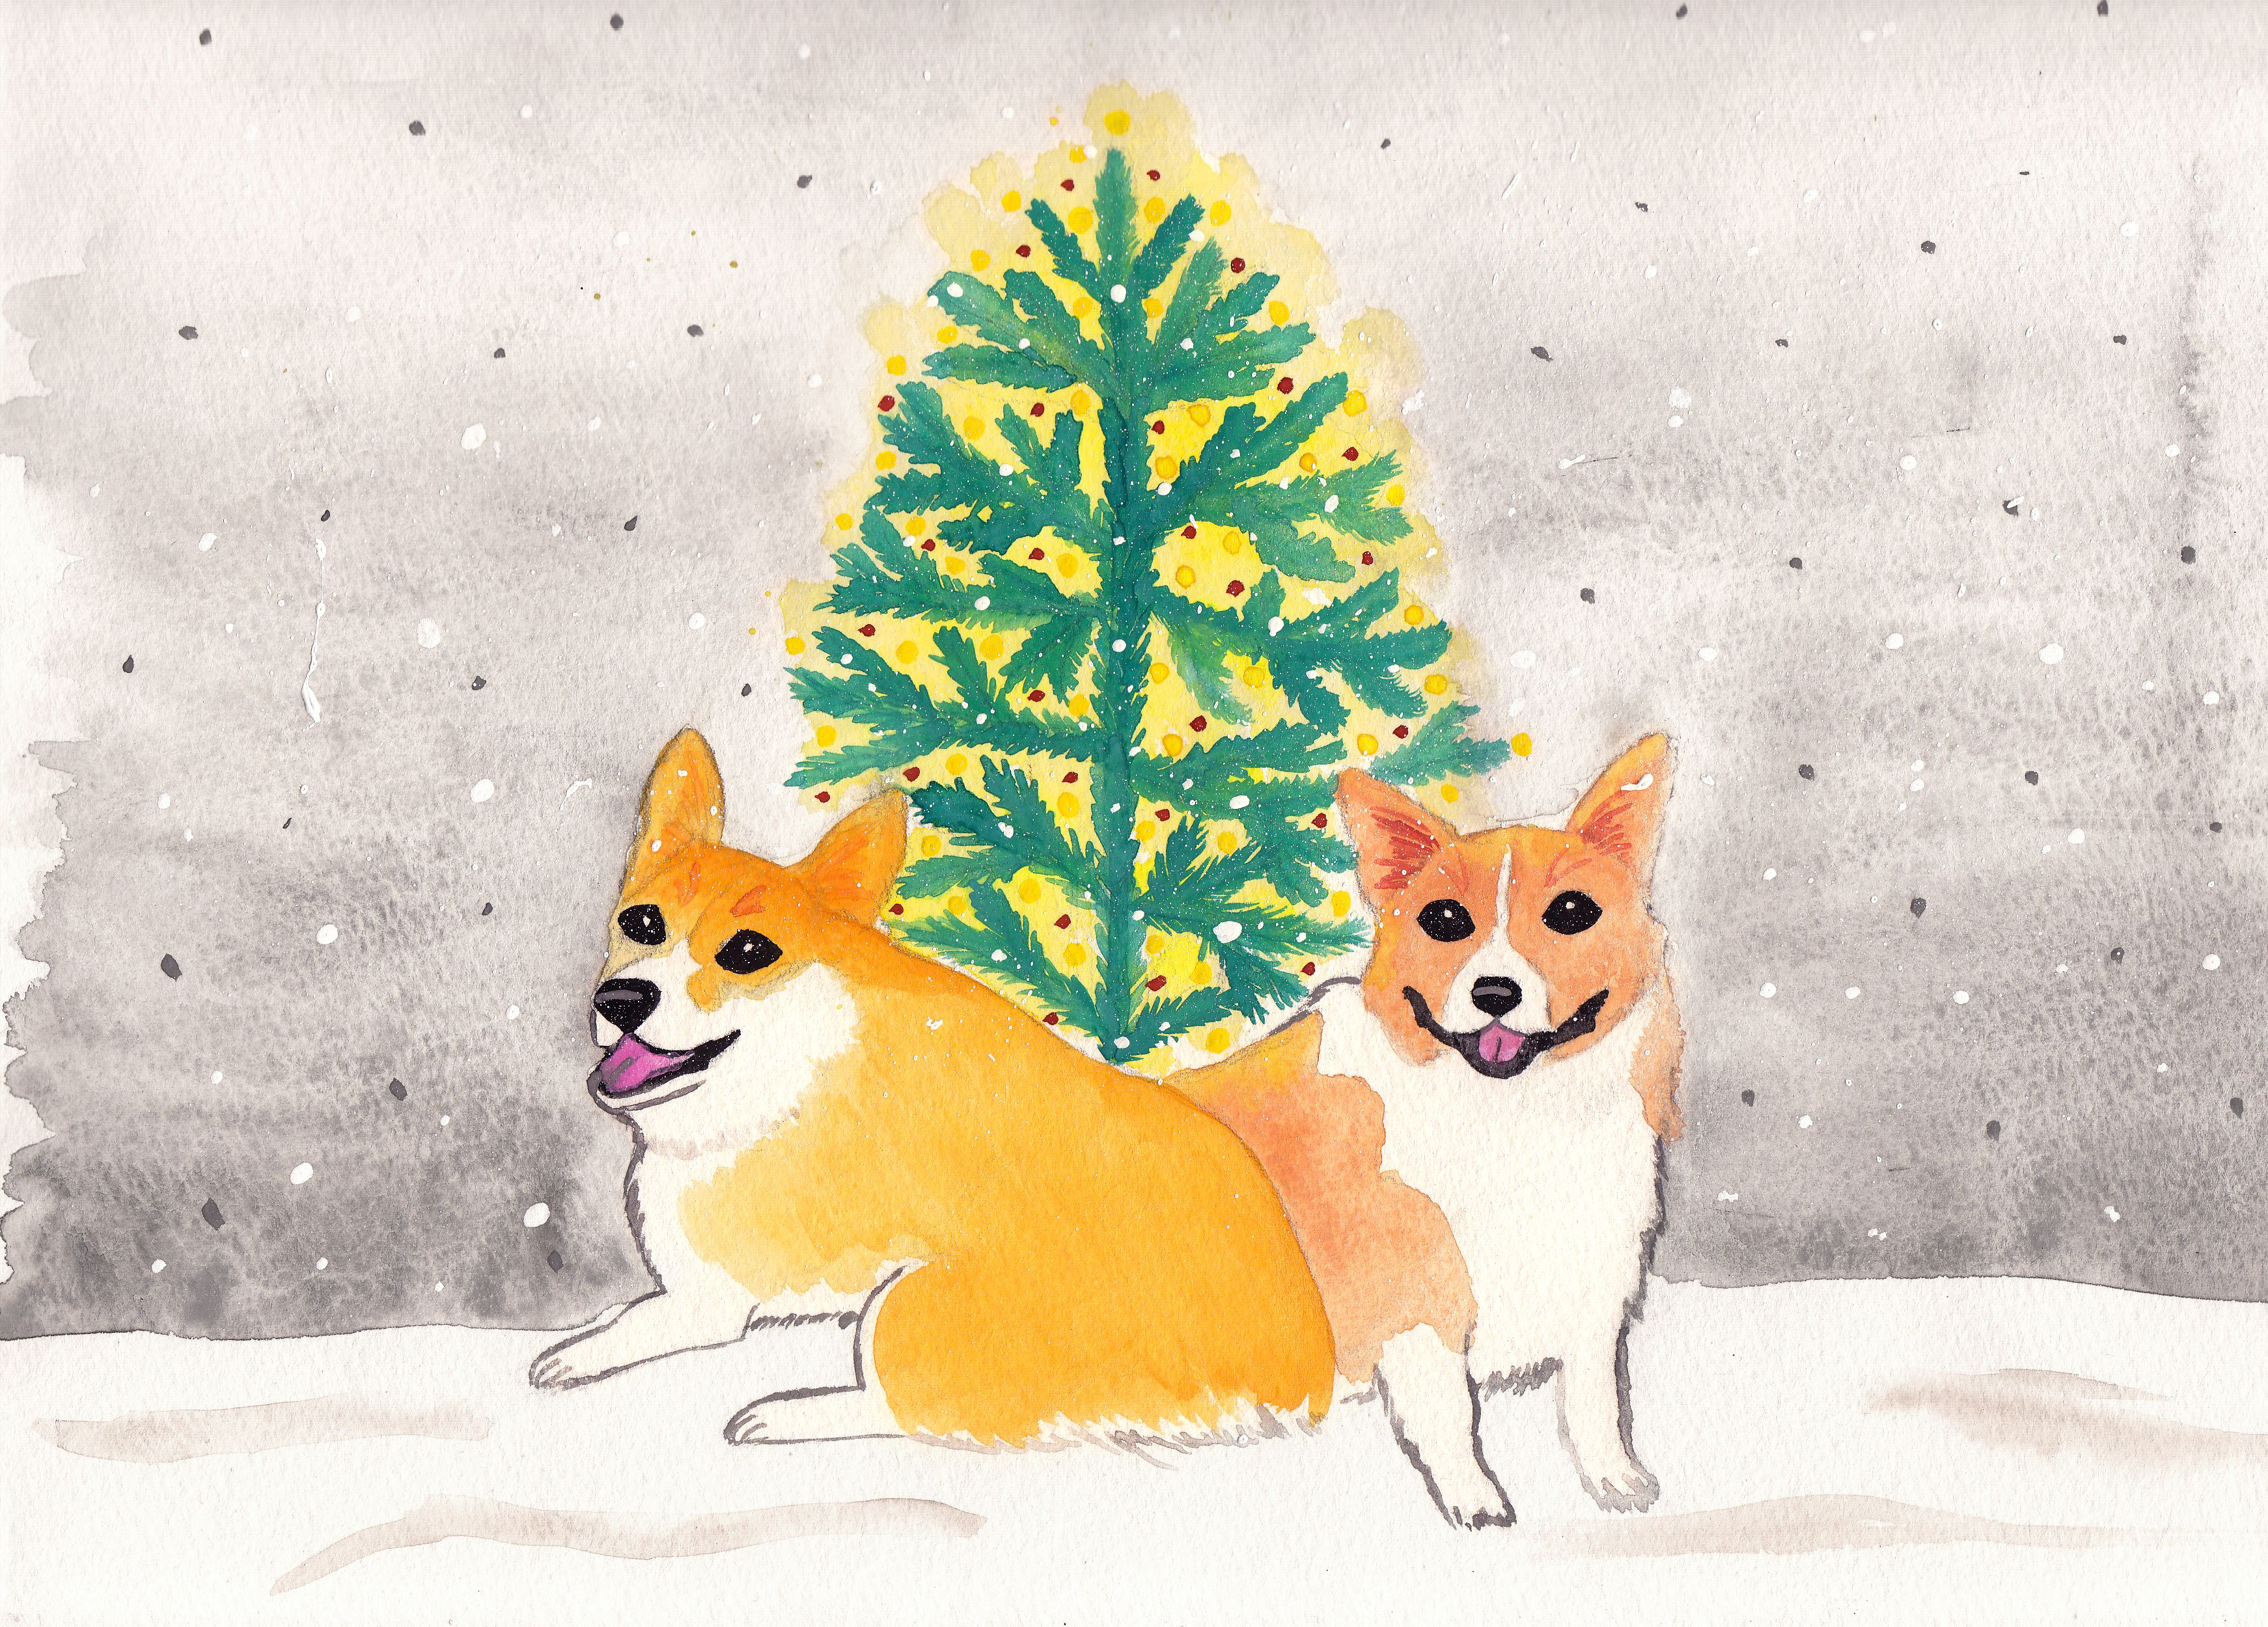 Corgi Christmas Card - Watercolor, Art, Artist, Christmas, Snow ...